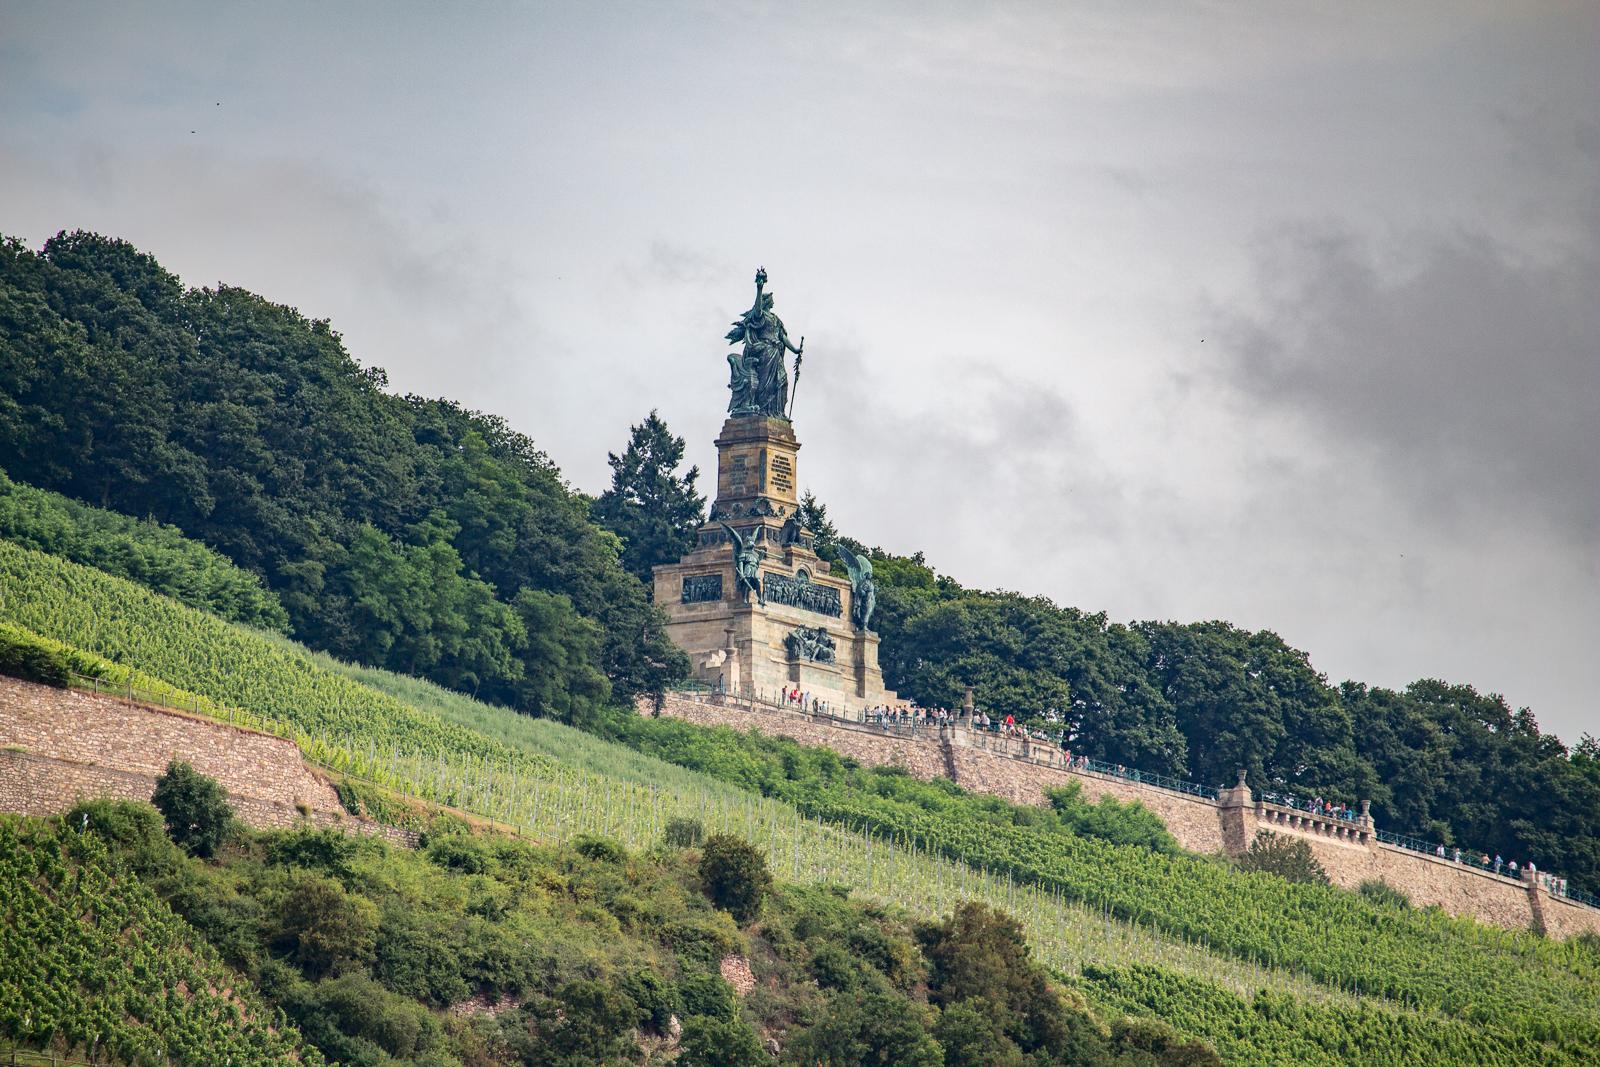 Germania - das Niederwalddenkmal auf der anderen Rheinseite von Bingen